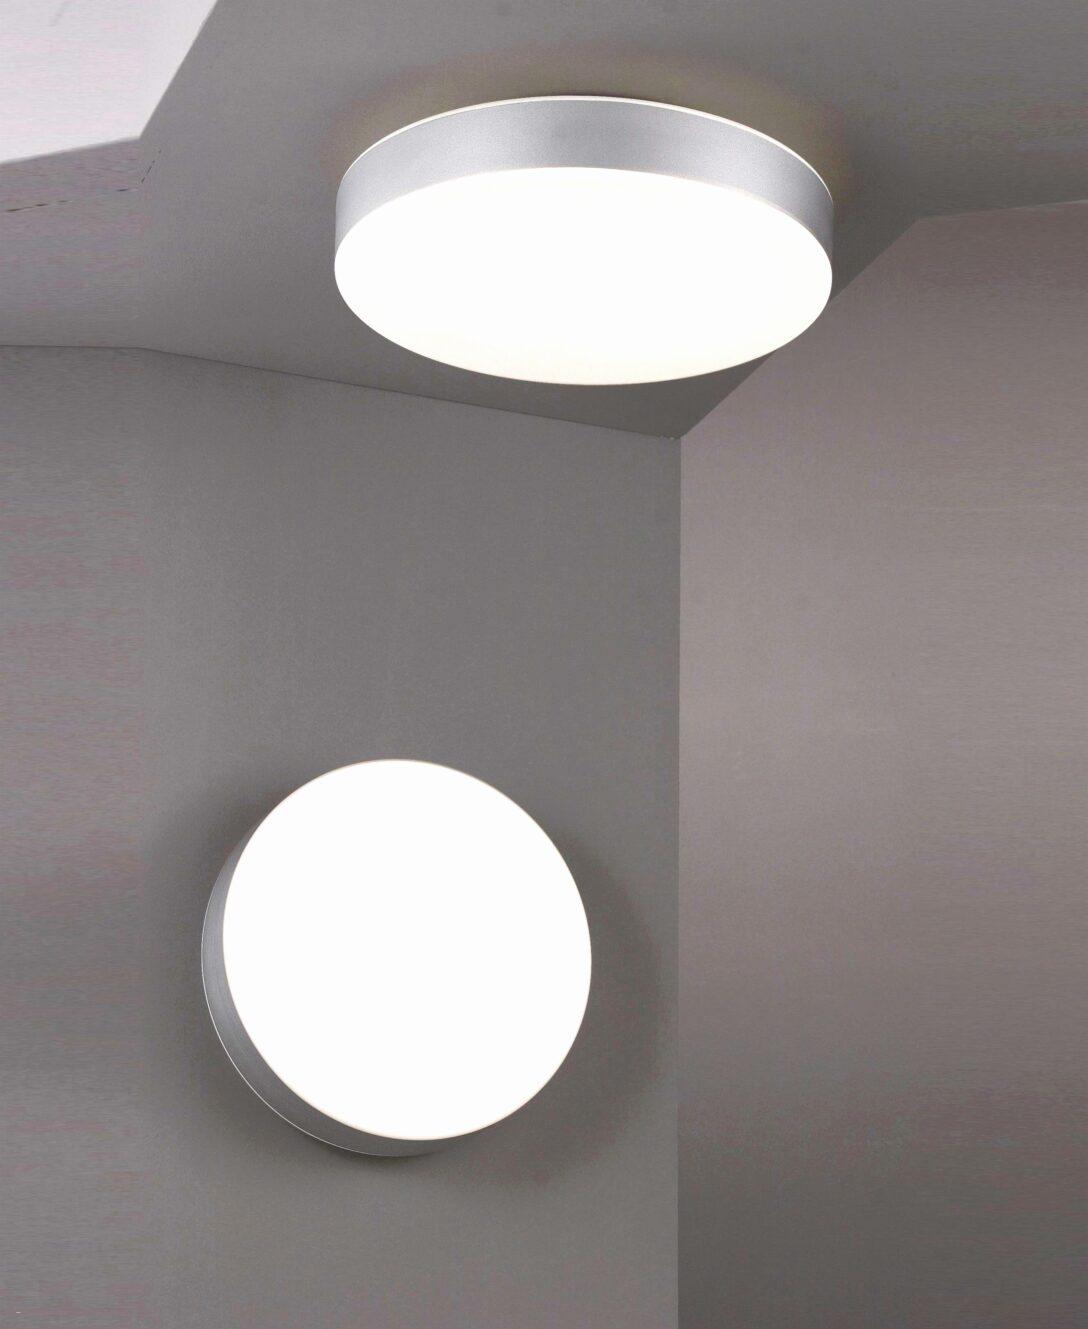 Large Size of Deckenleuchte Flach Modern Led Deckenlampe Inspirierend Best Badezimmer Wohnzimmer Küche Moderne Duschen Schlafzimmer Bad Holz Bett Design Modernes Wohnzimmer Deckenleuchte Flach Modern